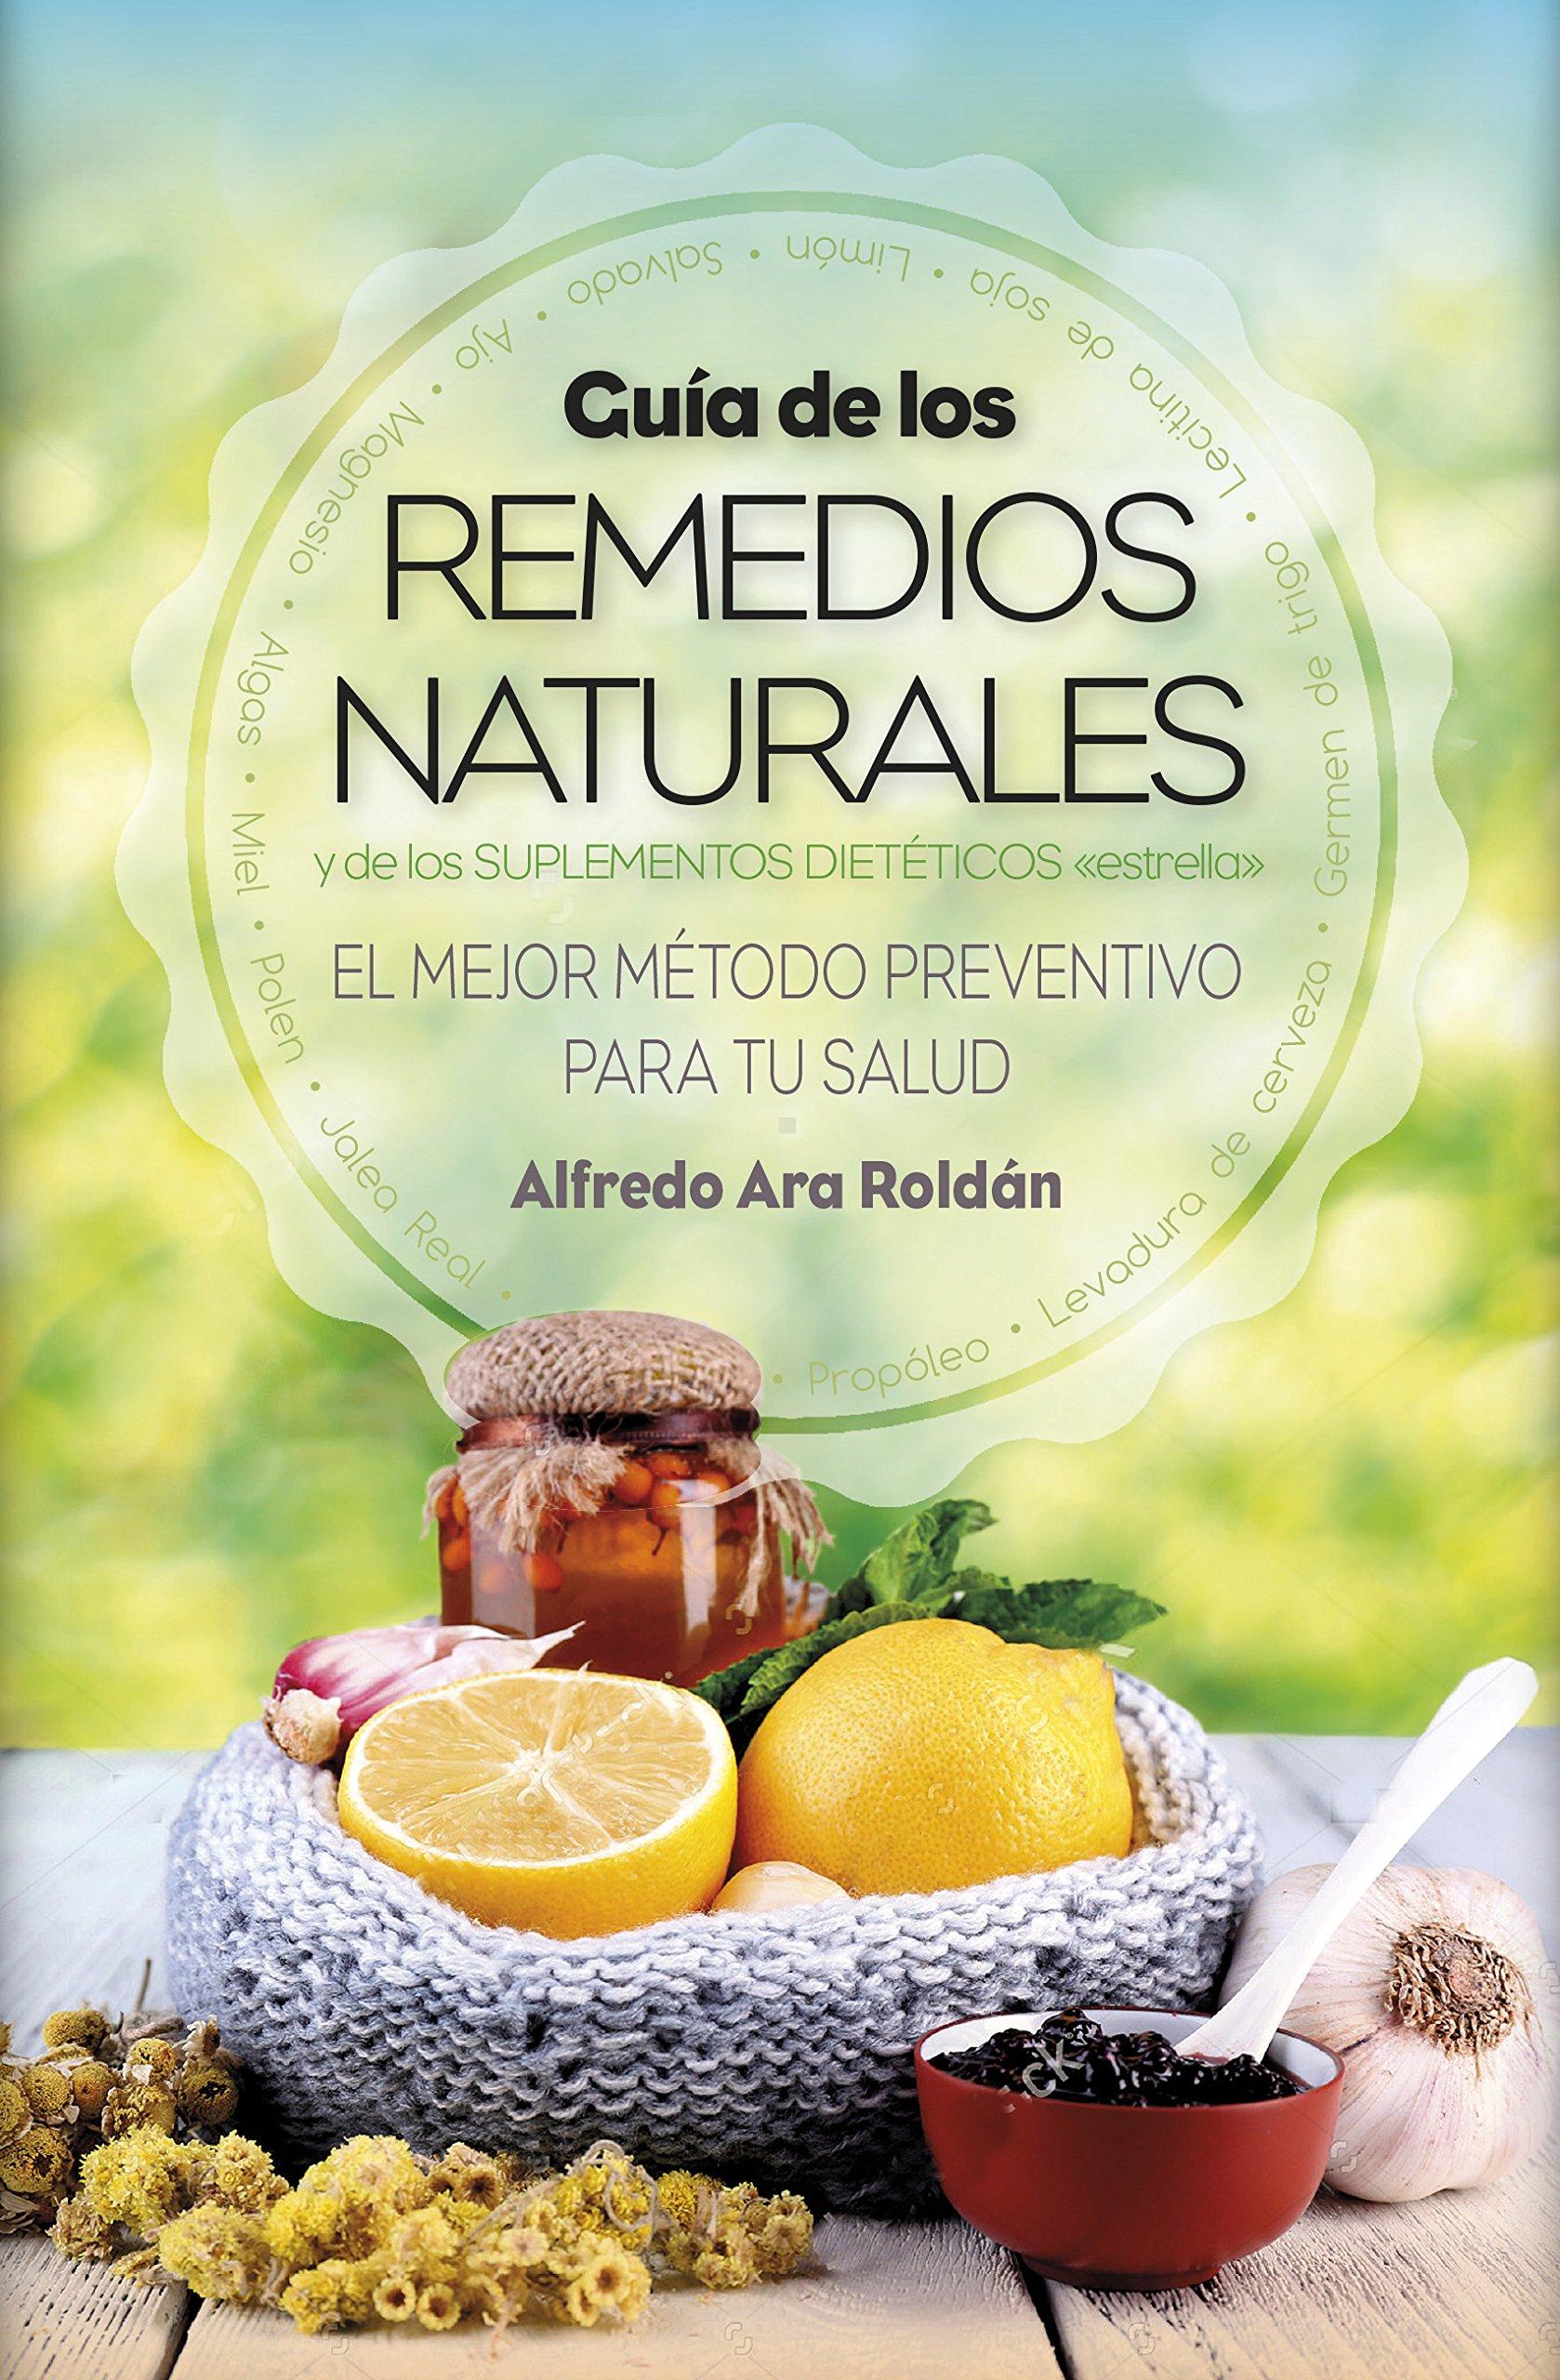 Guía de los remedios naturales y d los suplmentos dietéticos Salud: Amazon.es: Alfredo Ara Roldán: Libros